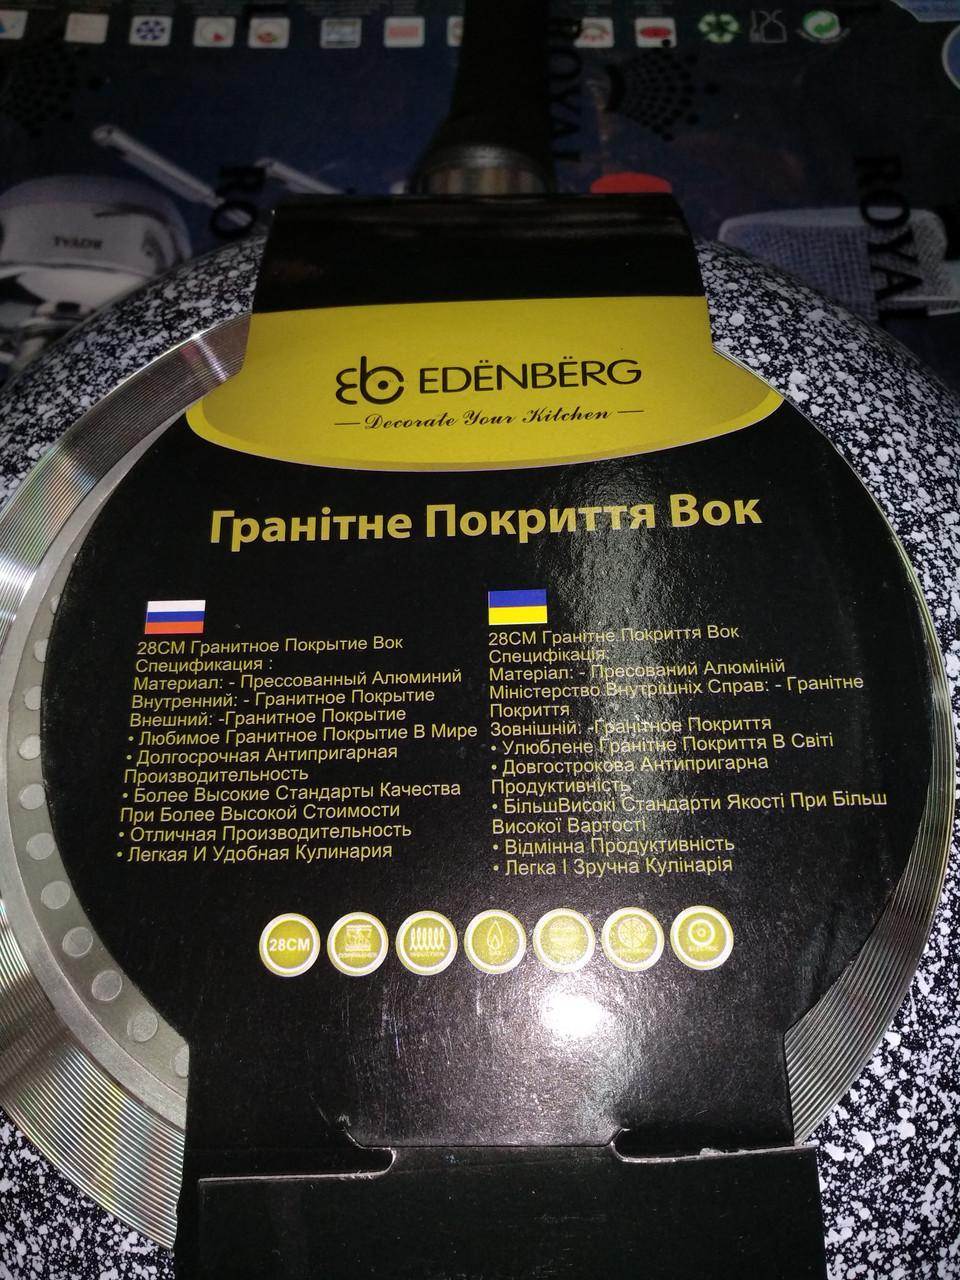 Сковорода 28 см, глубокая (гранитное покрытие) wok